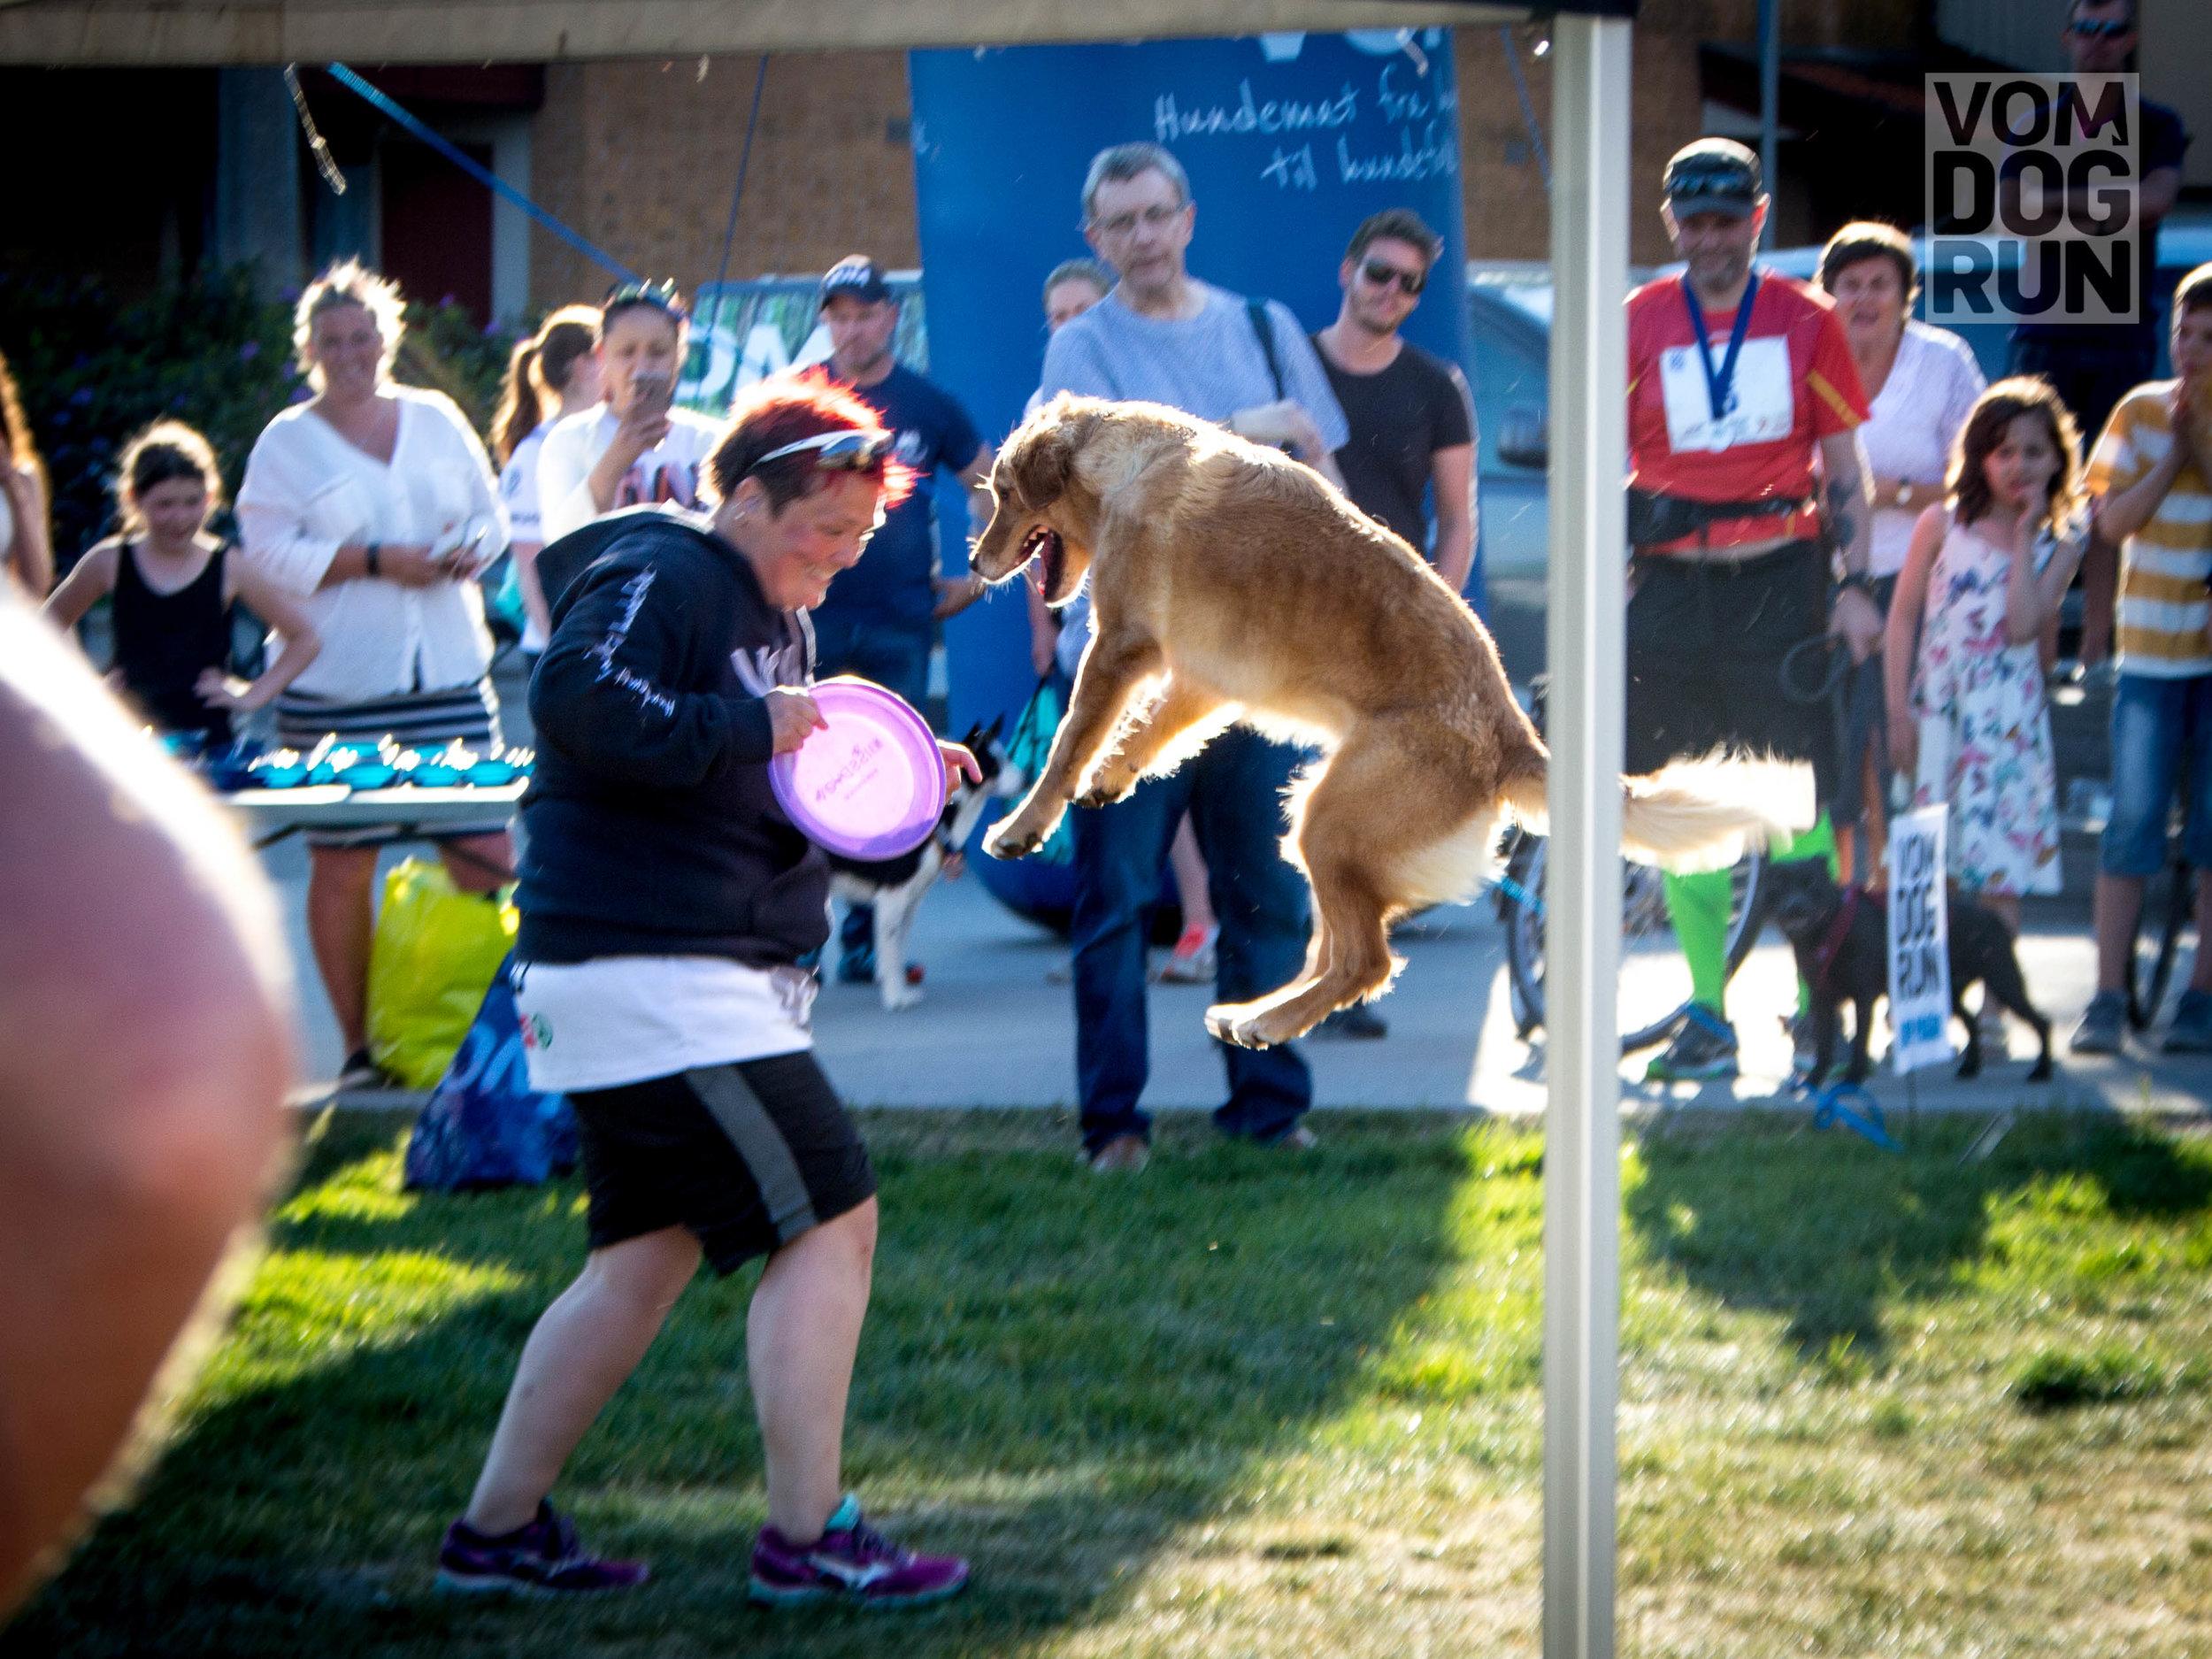 VOM Dog Run SoMe-100.jpg